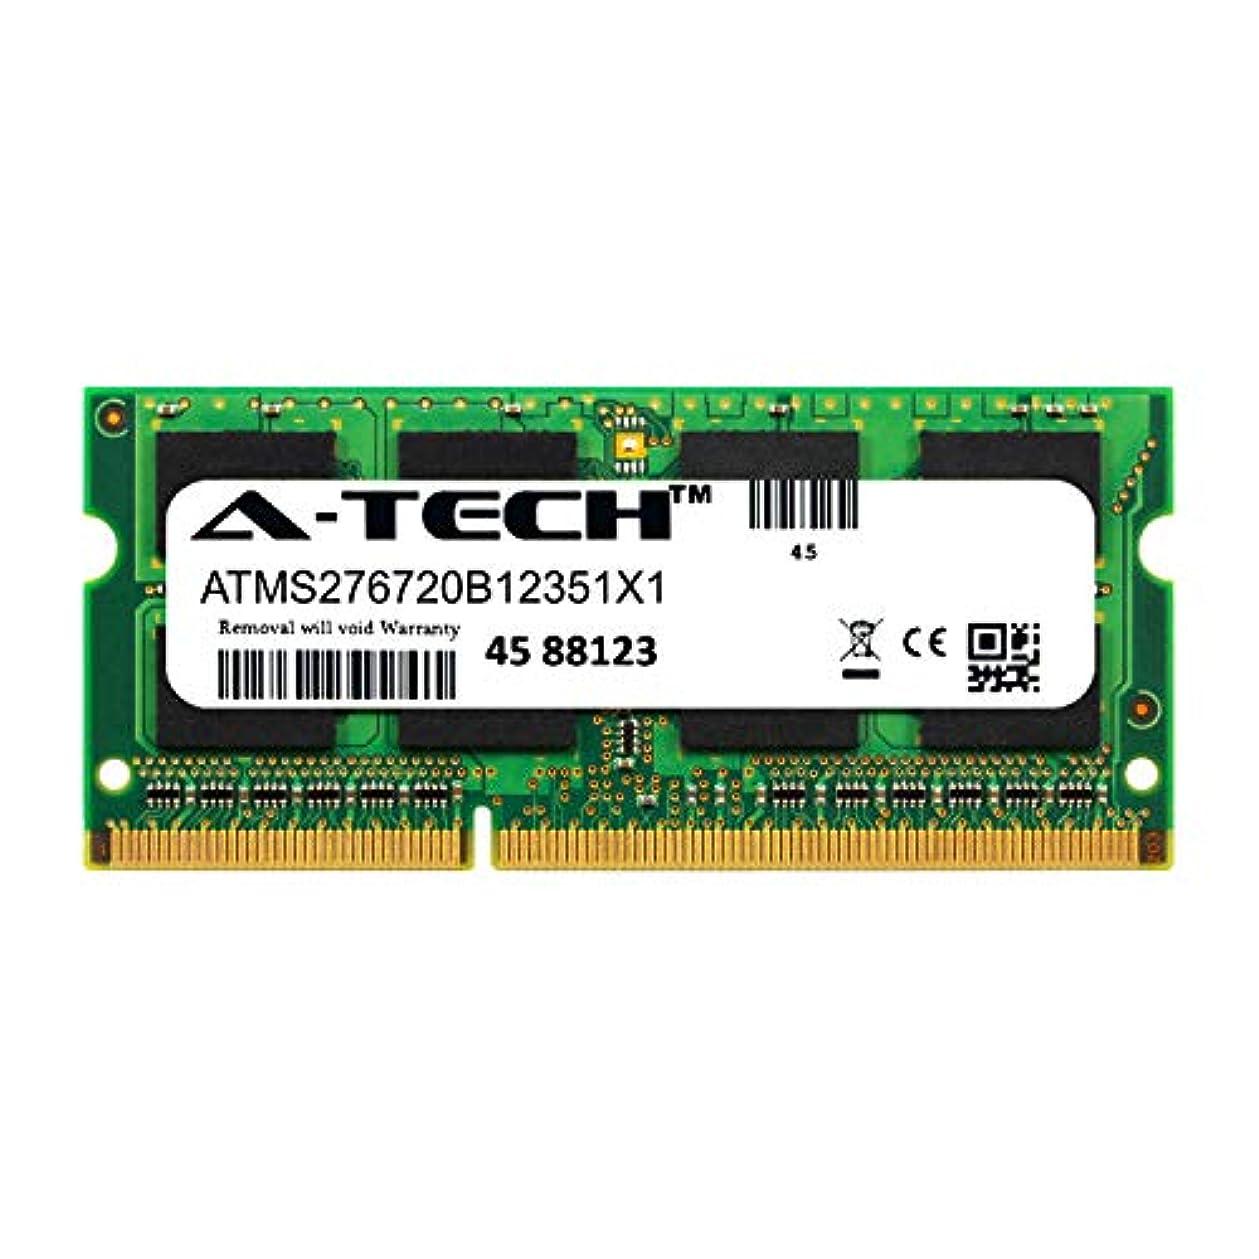 会計制約A-Tech 8GB モジュール レノボ IdeaCentre 310S-08IAP ノートパソコン & ノートブック 互換 DDR3/DDR3L PC3-12800 1600Mhz メモリ RAM (ATMS276720B12351X1)